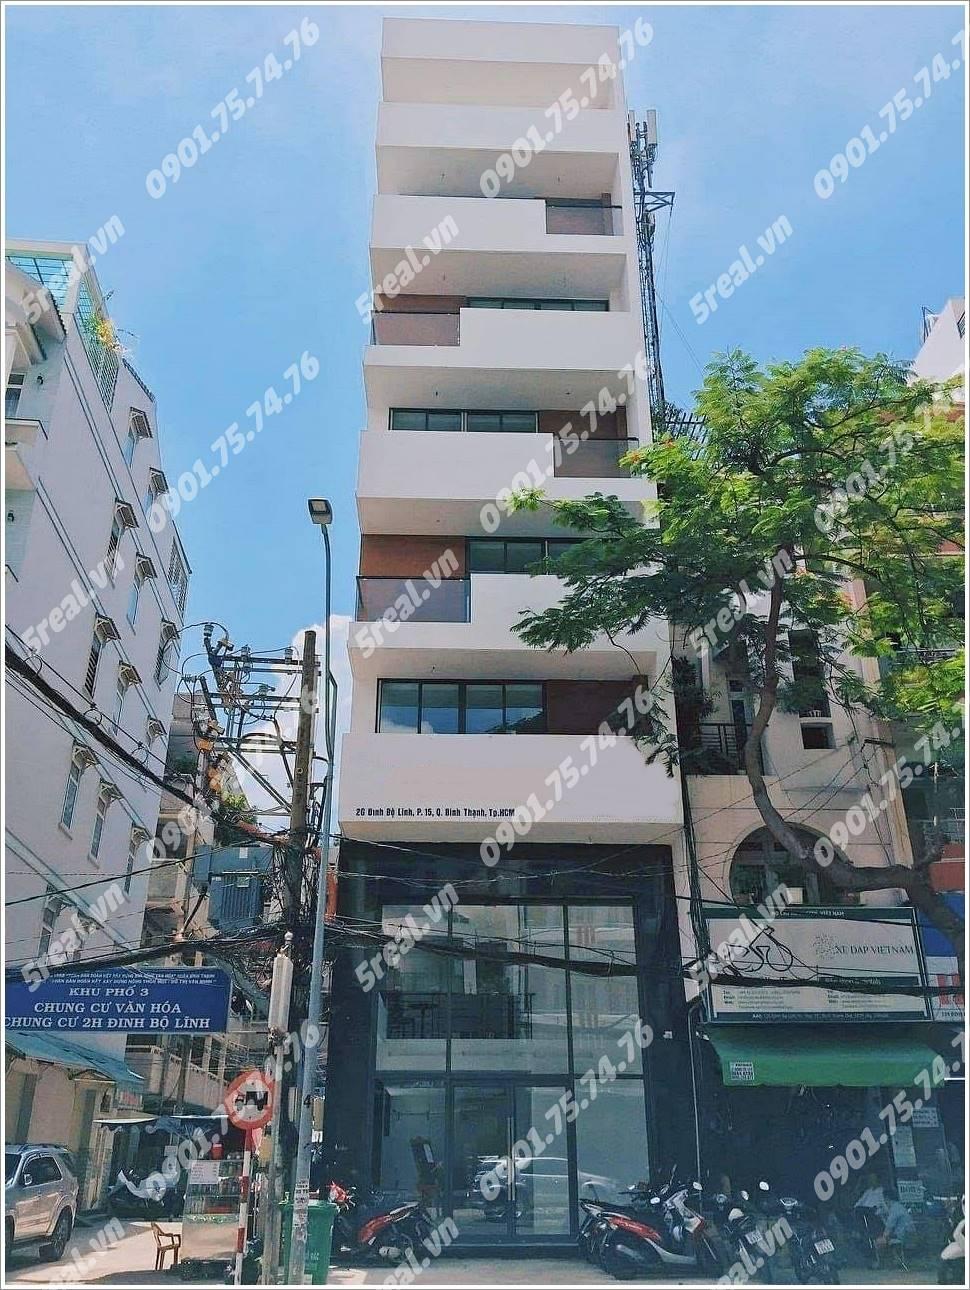 saigon-building-2-dinh-bo-linh-quan-binh-thanh-van-phong-cho-thue-5real.vn-01